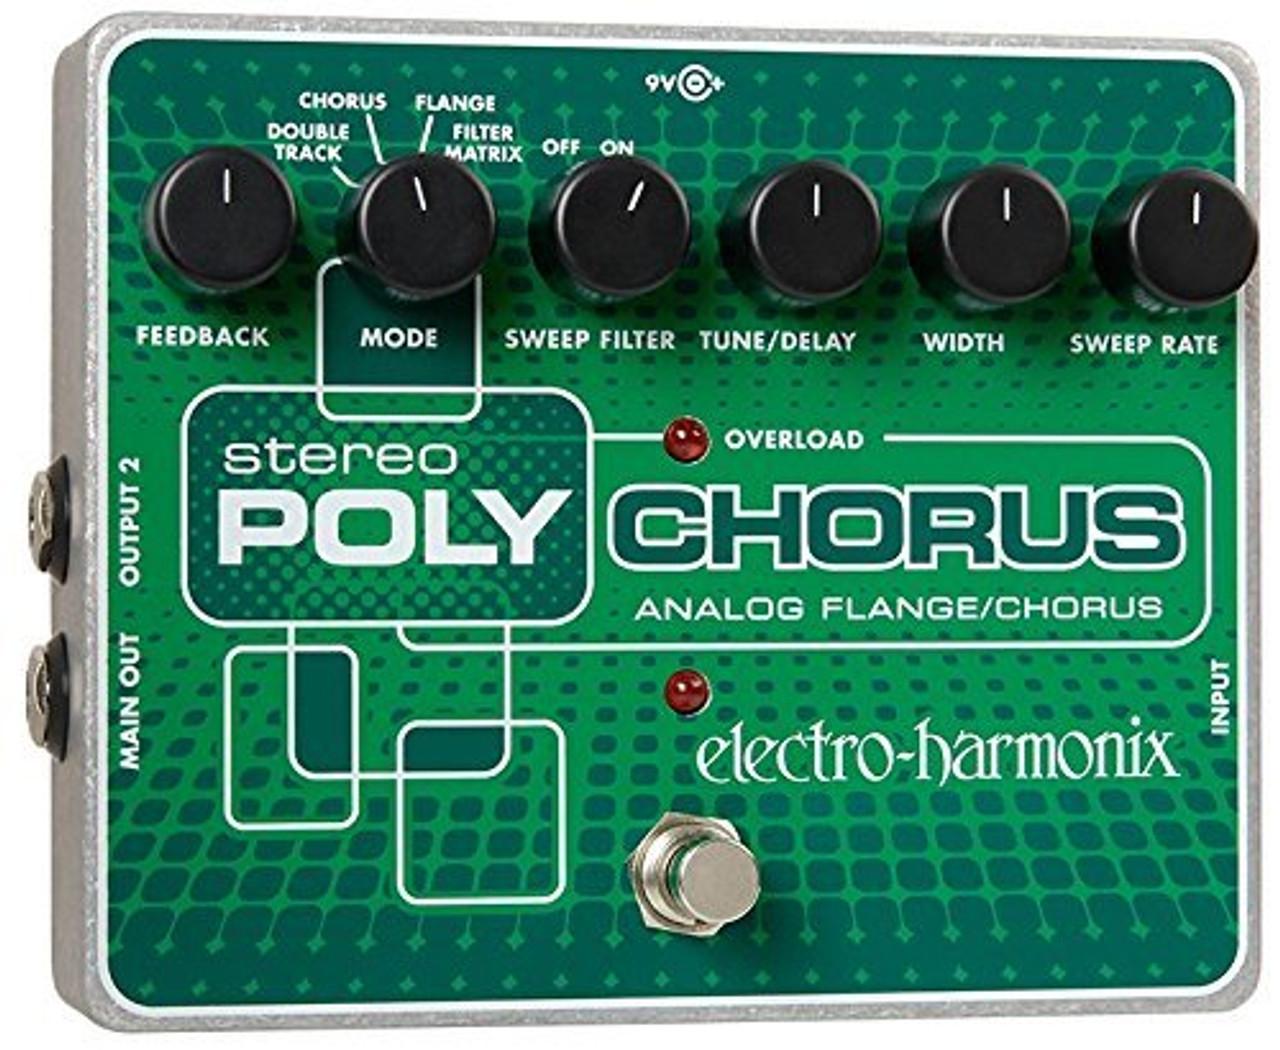 Electro Harmonix STEREO POLYCHORUS Analog/Chorus/Flanger/Slapback Echo, 24DC-100 PSU included